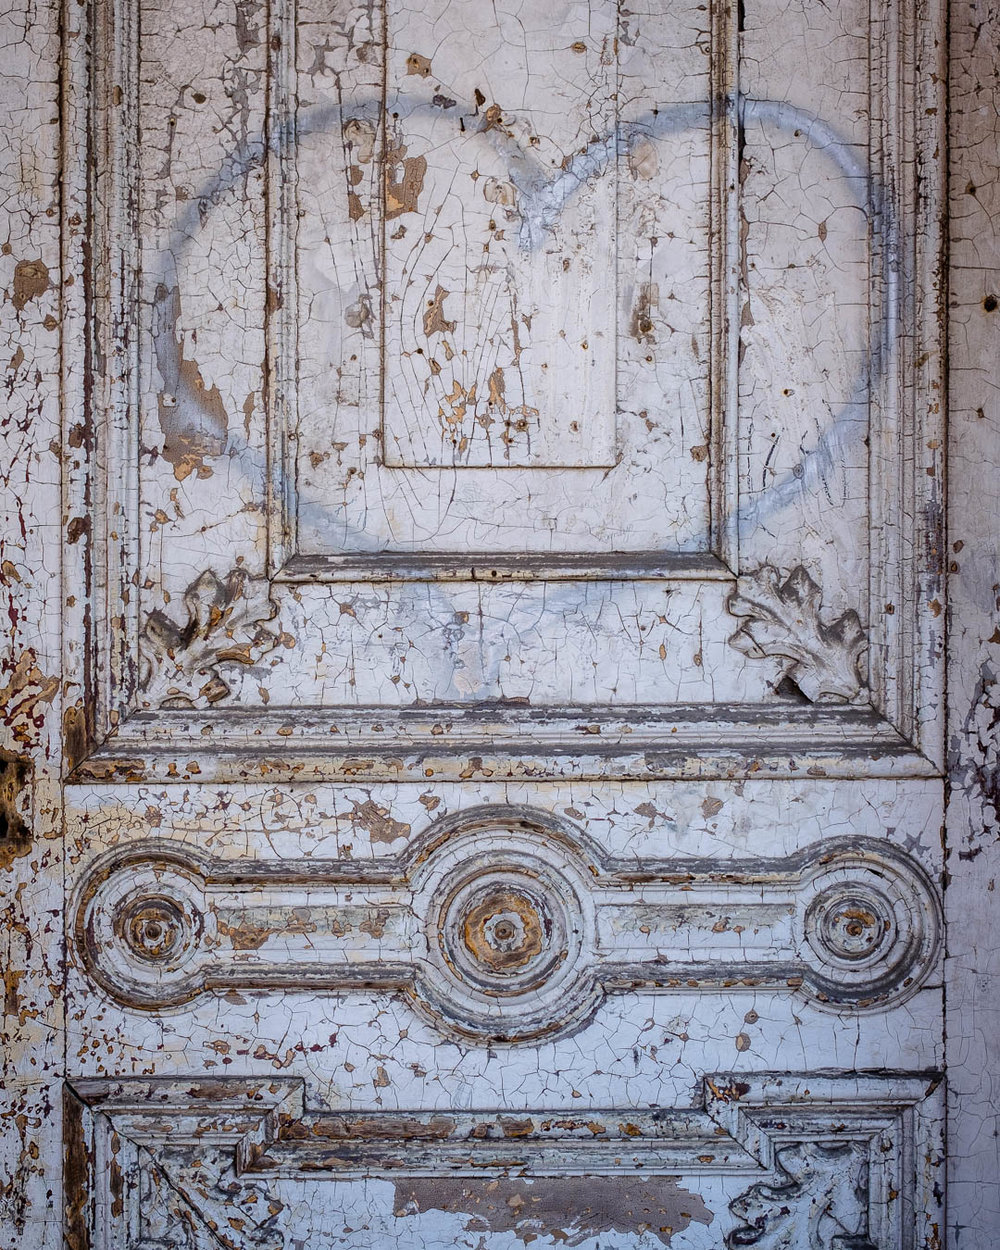 180501-Havana-294-1080.jpg